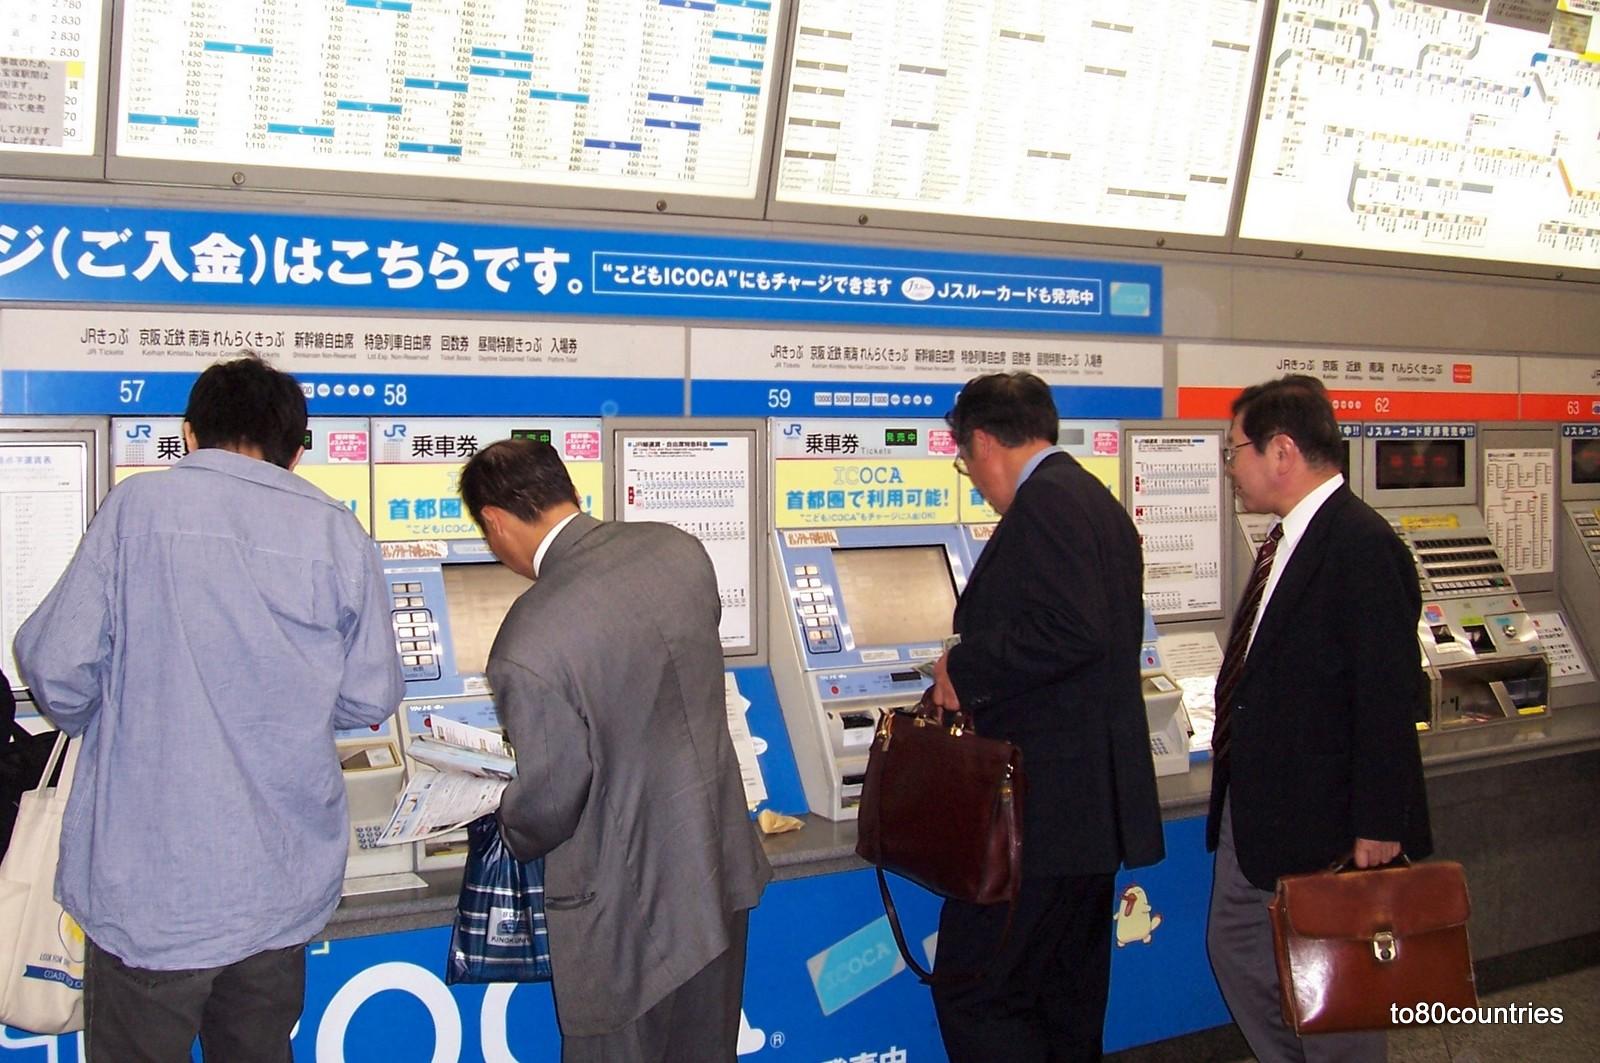 Fahrkartenautomat in der U-Bahn von Osaka - Japan